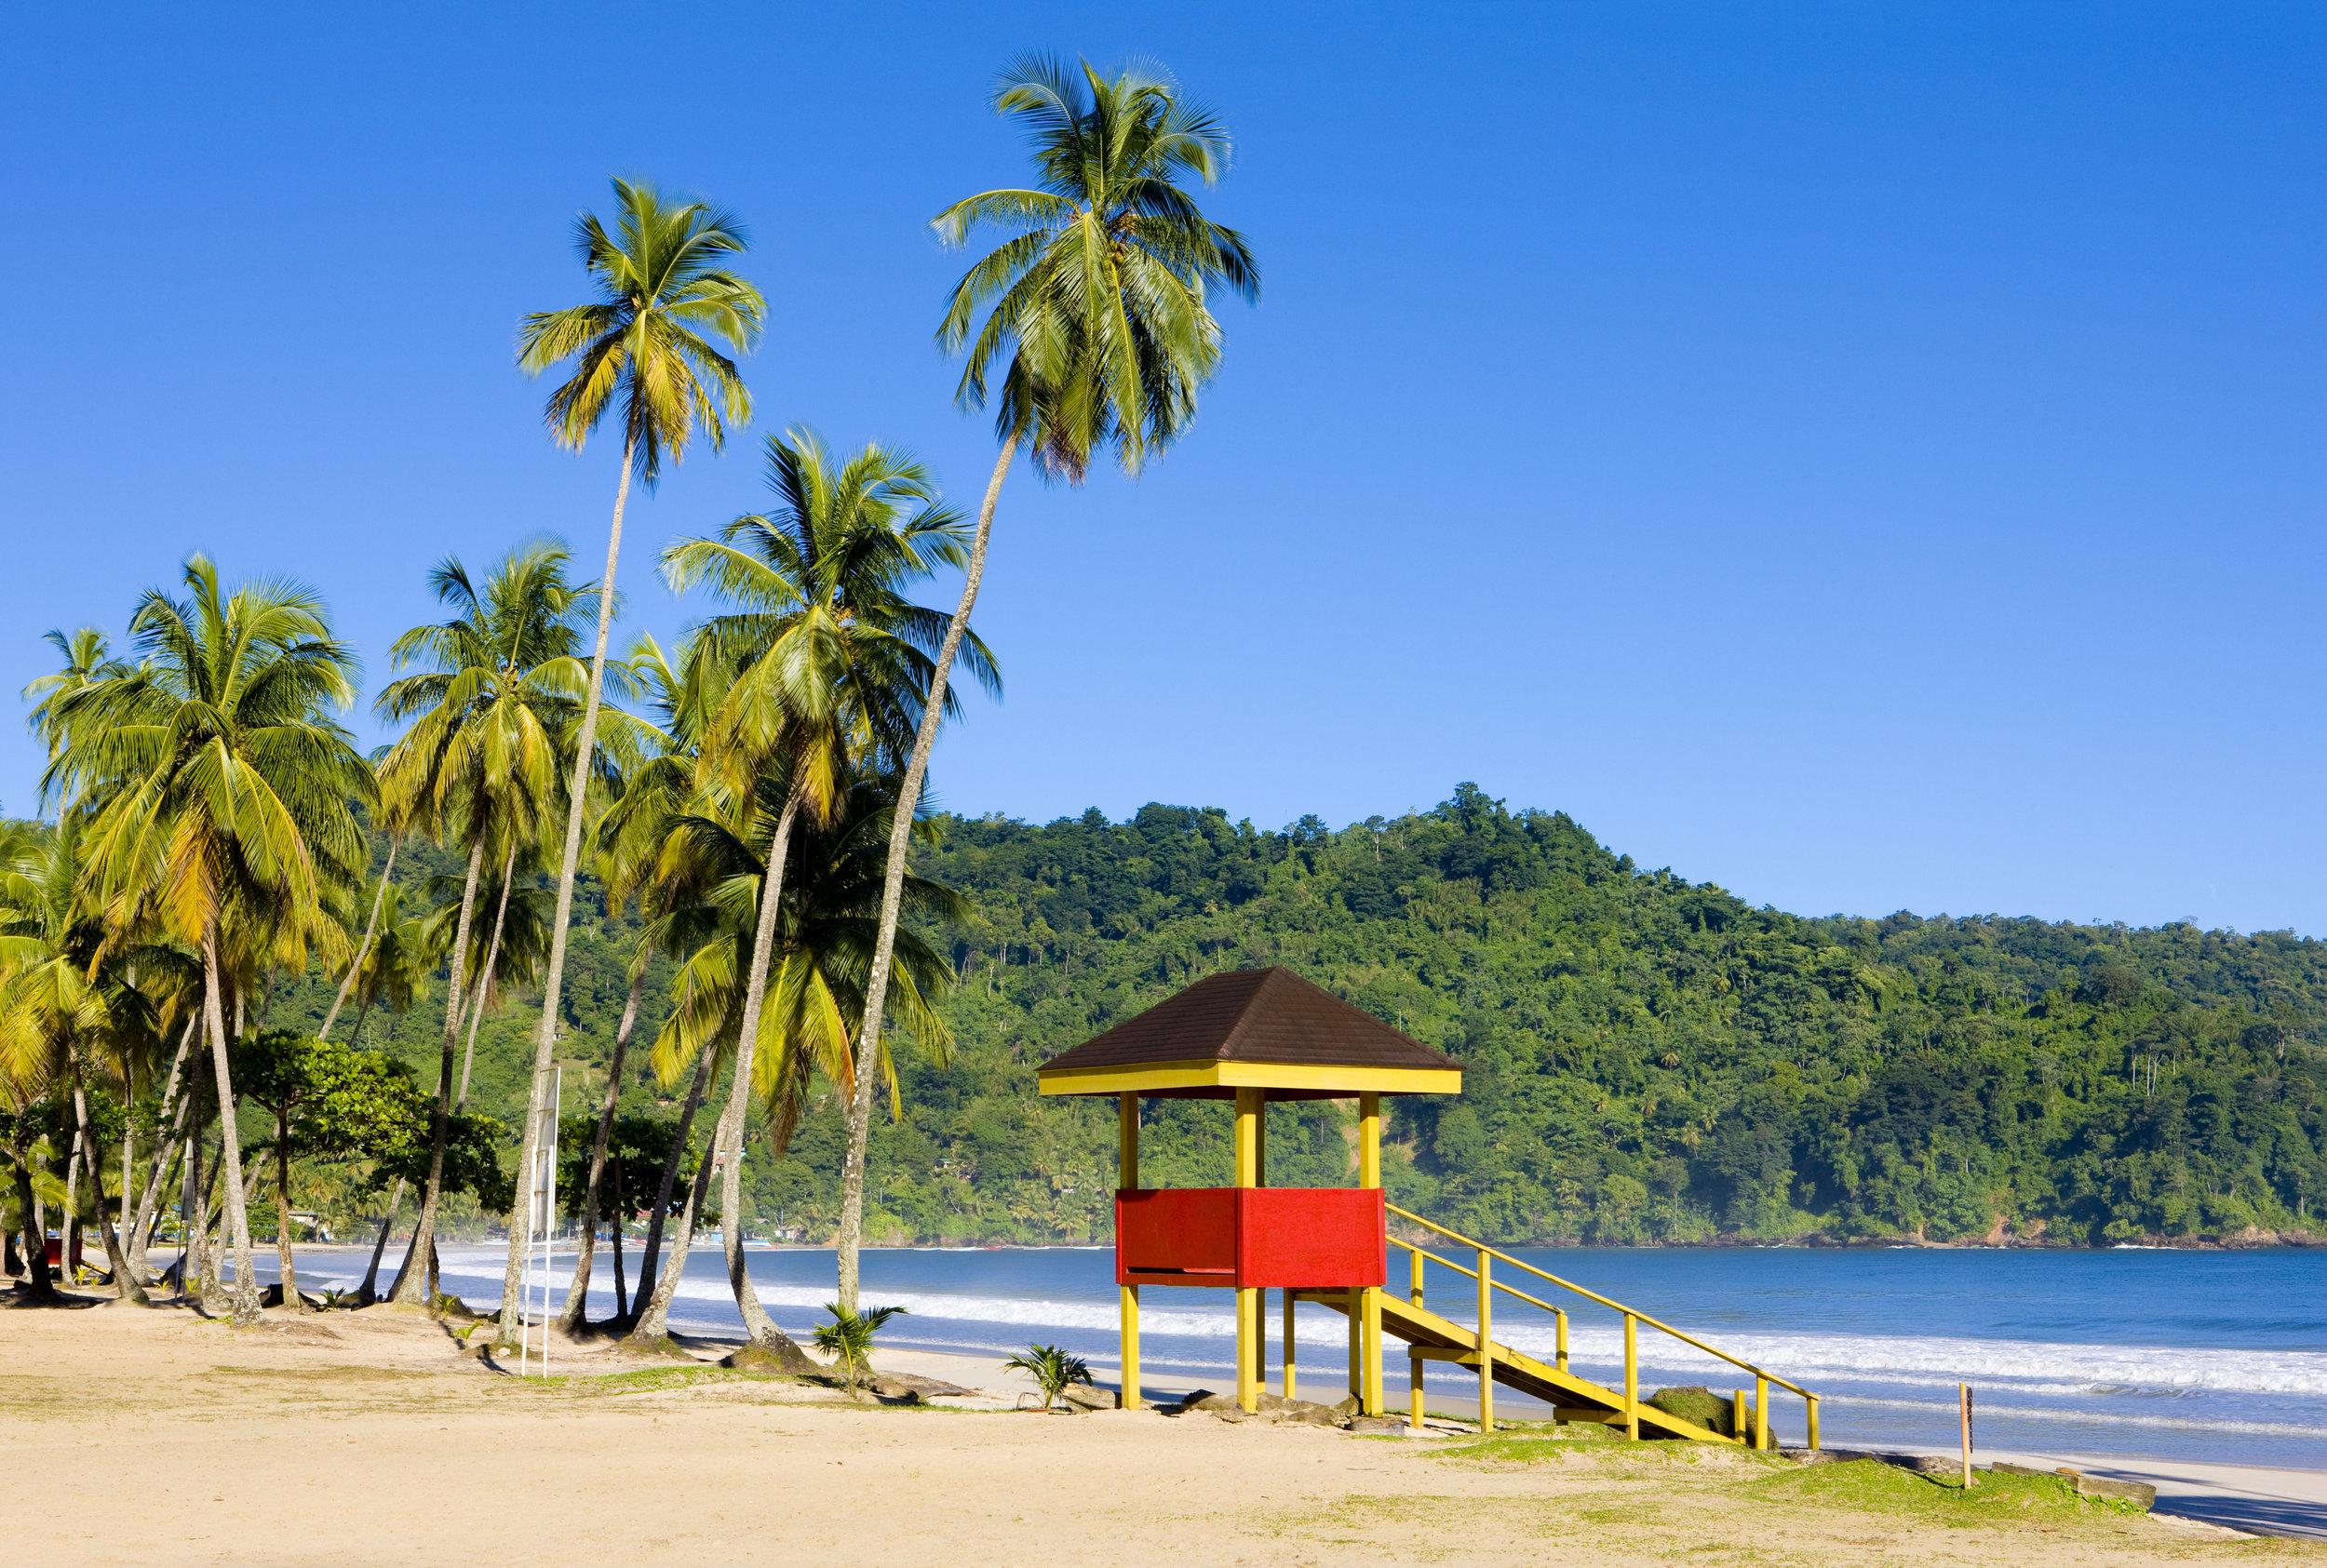 tobago_bigstock-cabin-on-Beach-in-Tobago-in-Re-7656002.jpg